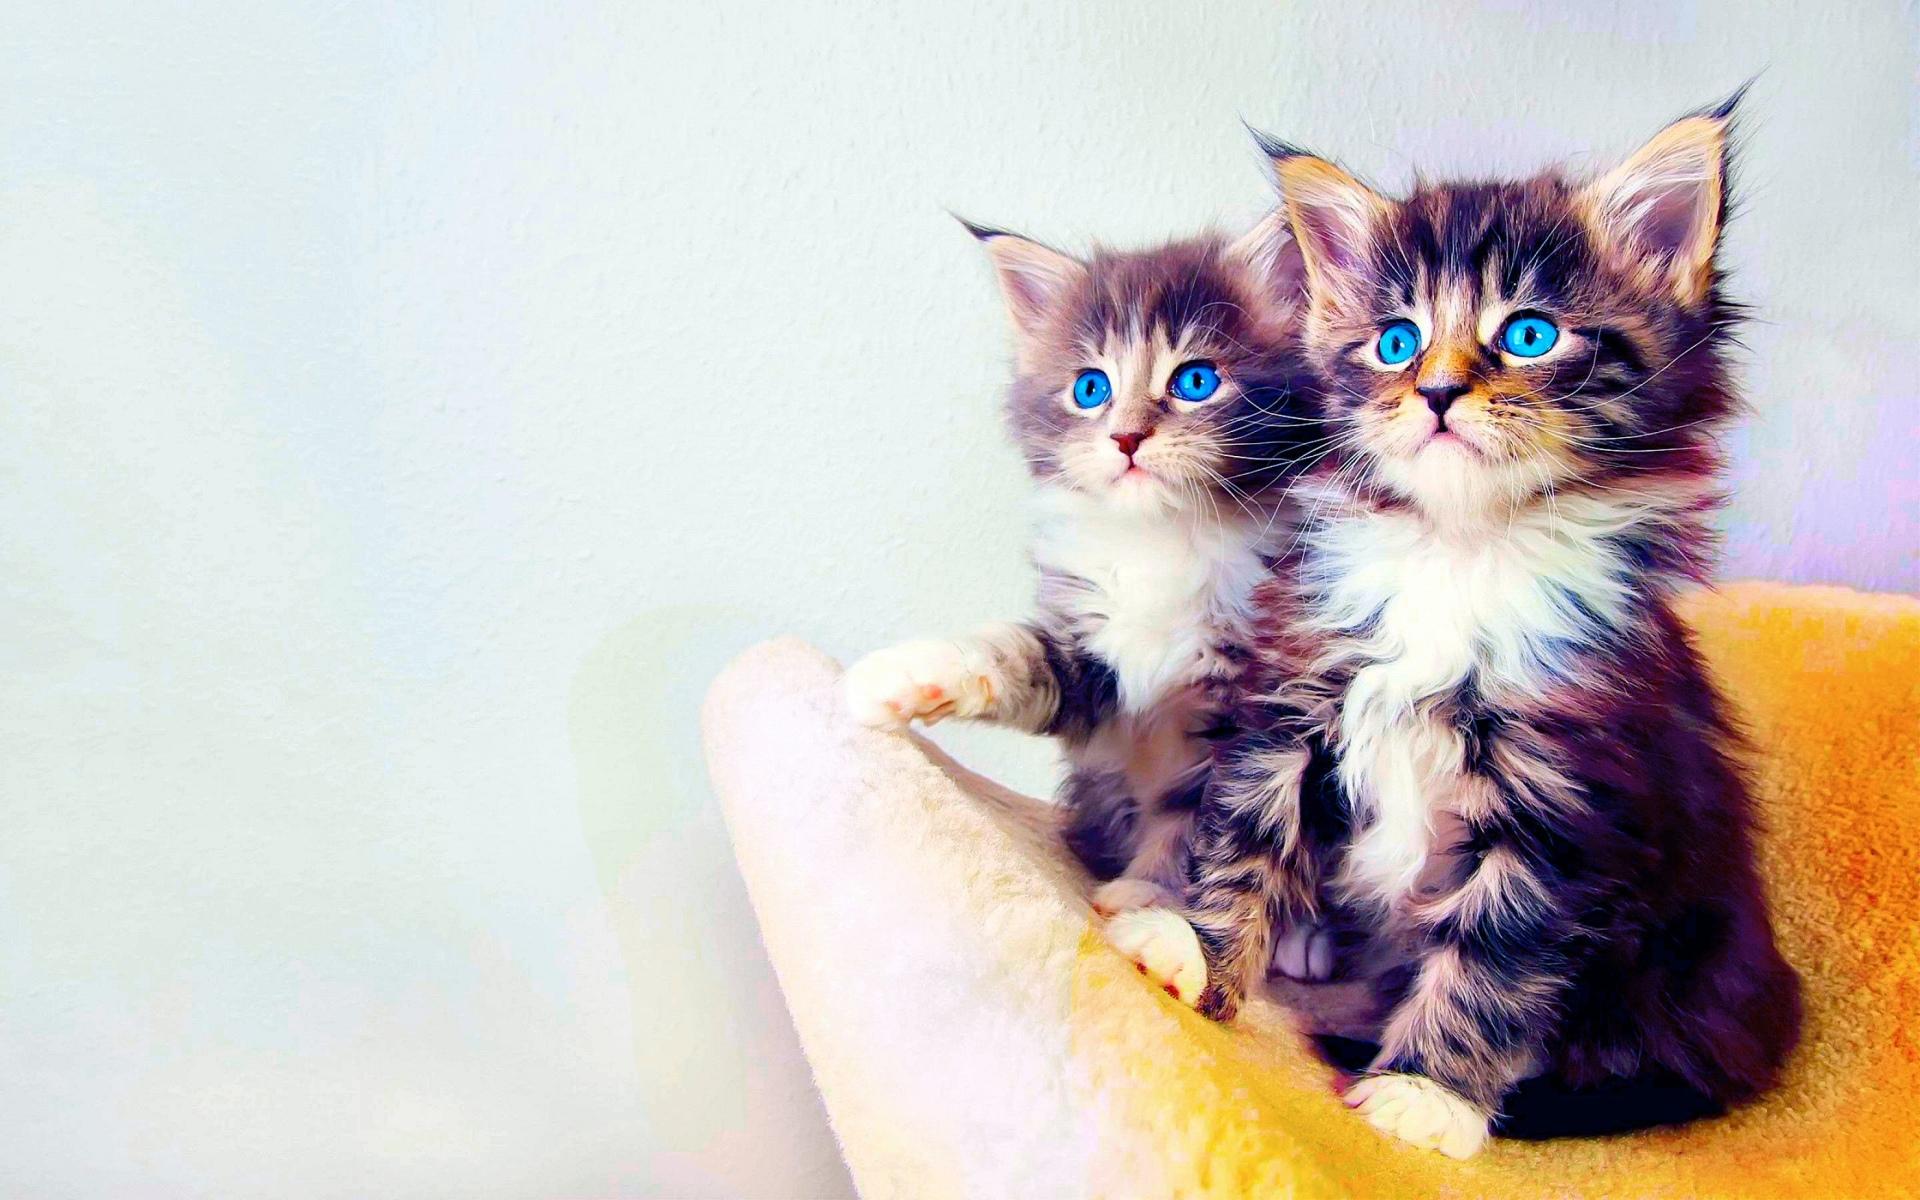 عکس گربه های ناز و کوچولو برای پروفایل و تصویر زمینهعکس گربه های ناز و کوچولو برای پروفایل و تصویر زمینه